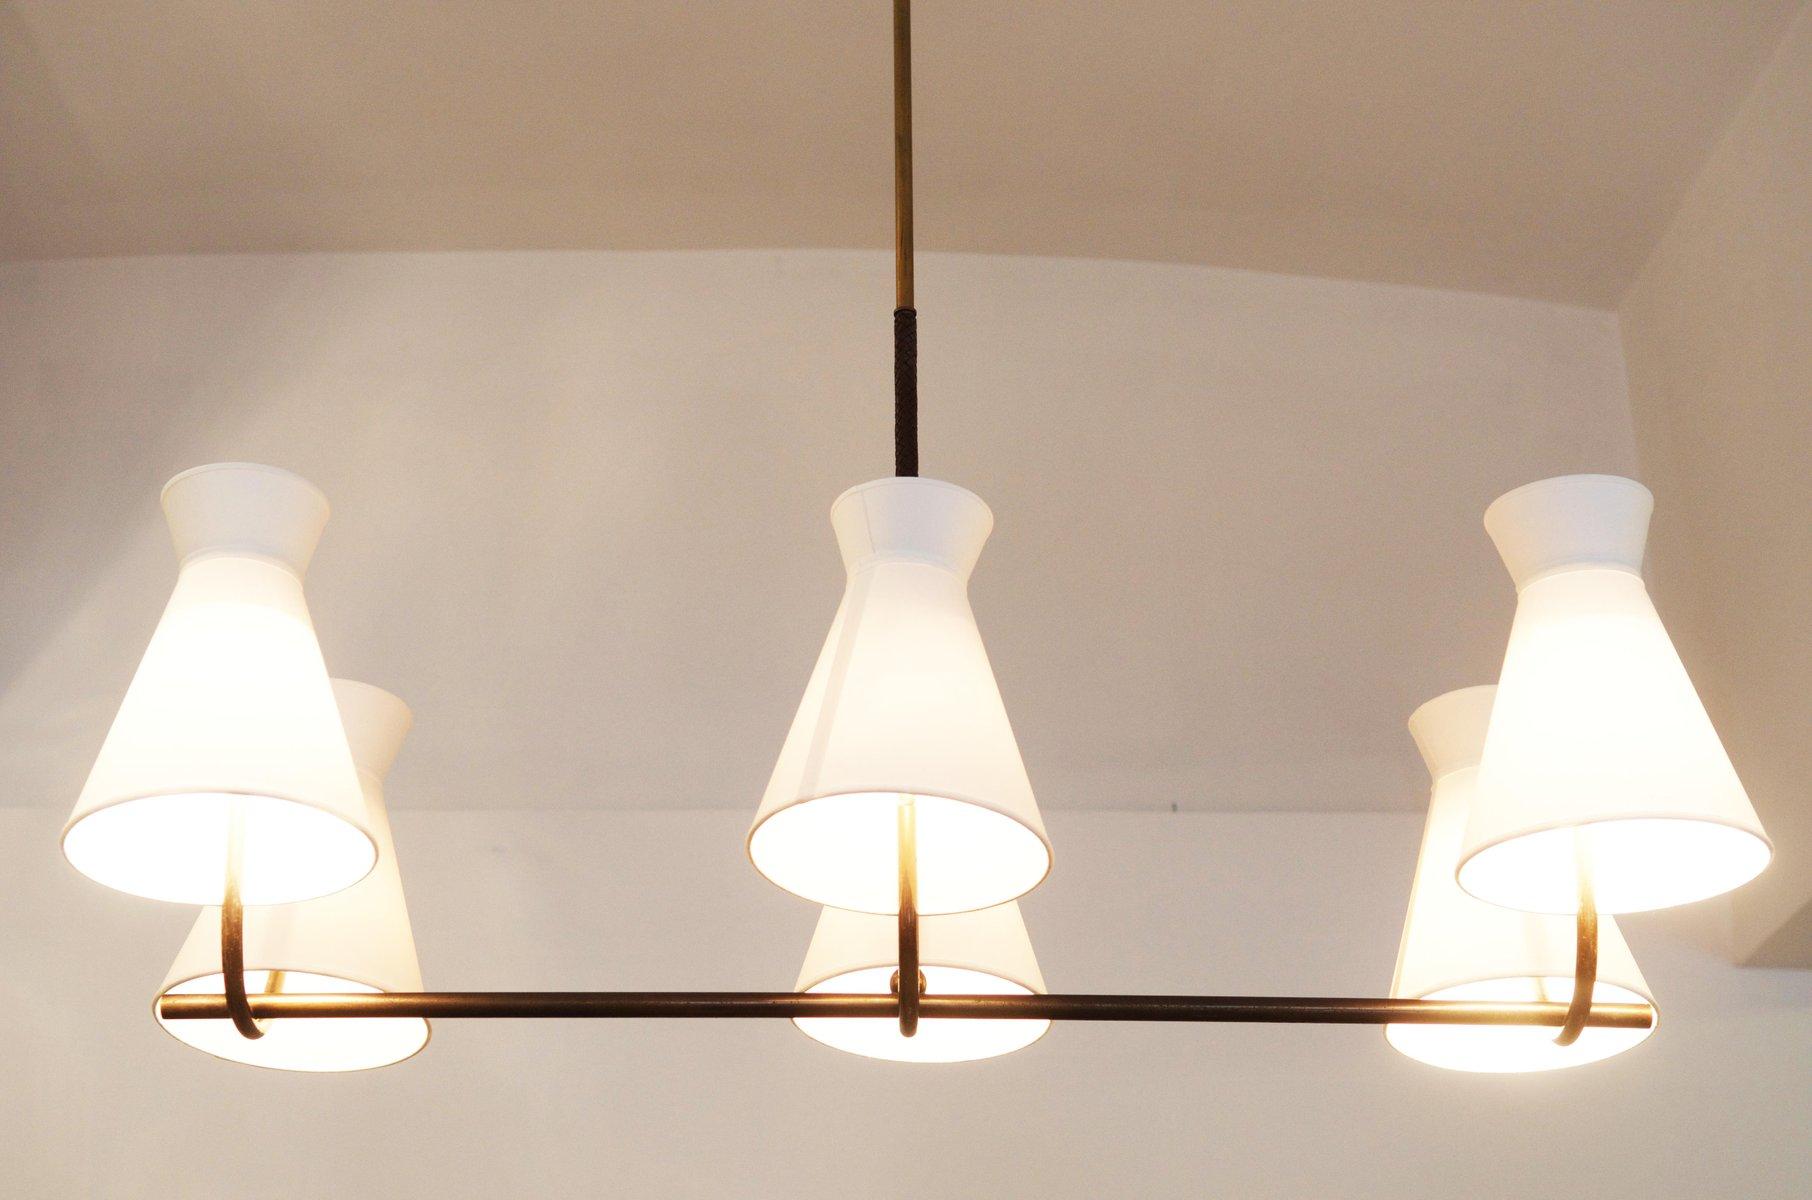 sterreichischer messing kronleuchter von josef frank. Black Bedroom Furniture Sets. Home Design Ideas